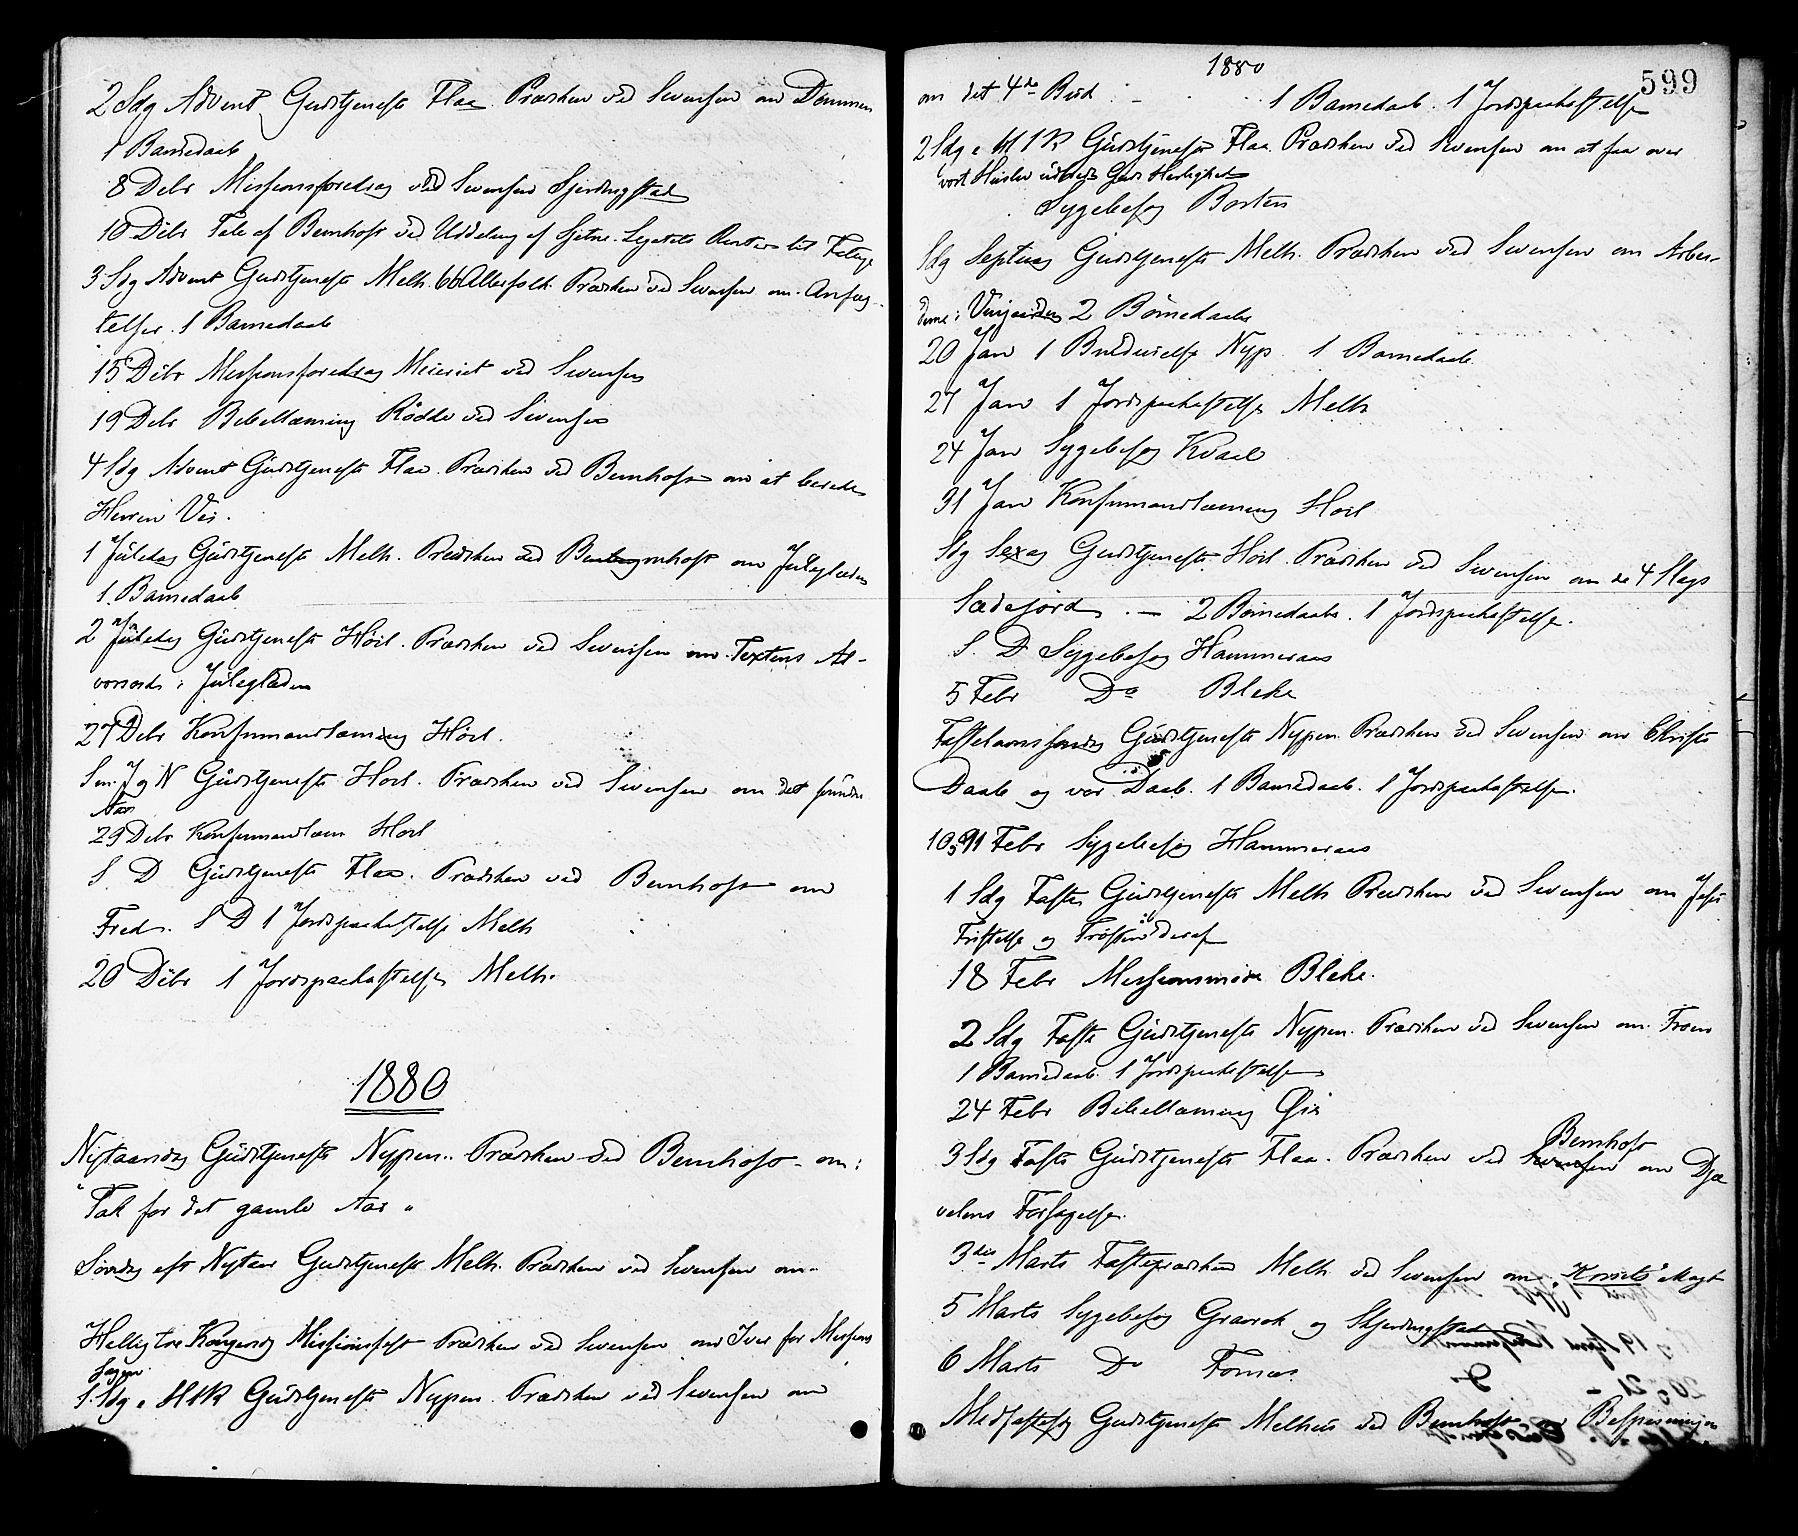 SAT, Ministerialprotokoller, klokkerbøker og fødselsregistre - Sør-Trøndelag, 691/L1079: Ministerialbok nr. 691A11, 1873-1886, s. 599